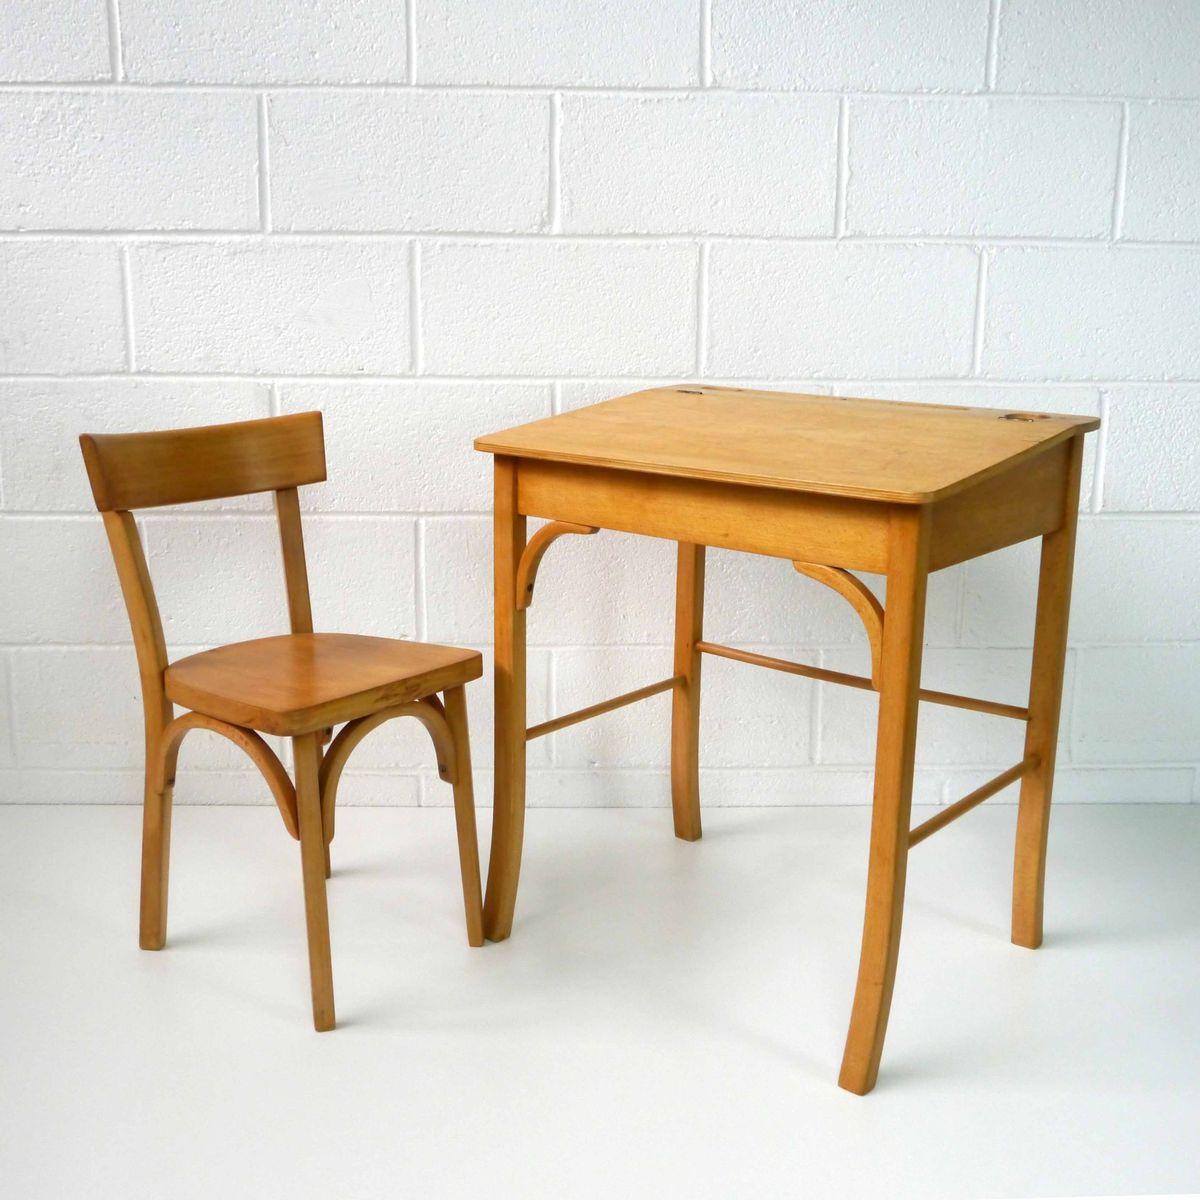 kinder schreibtisch stuhl schreibtischstuhl designs f r effektives lernen im vintage kinder. Black Bedroom Furniture Sets. Home Design Ideas